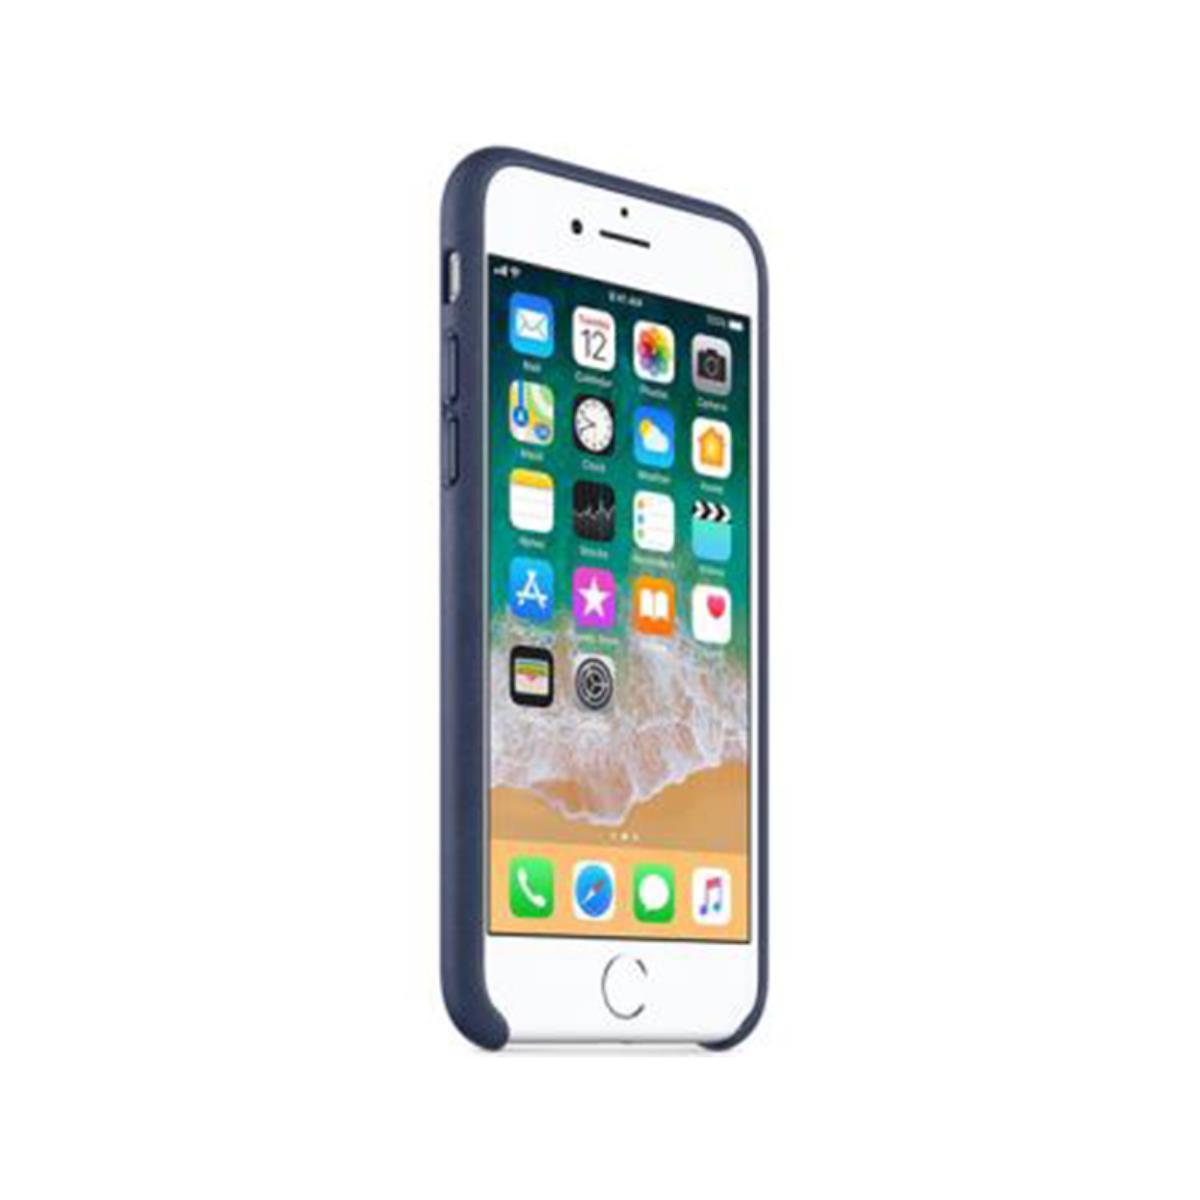 IPHONE 7 PLUS 32GB/3GB ROSE GOLD